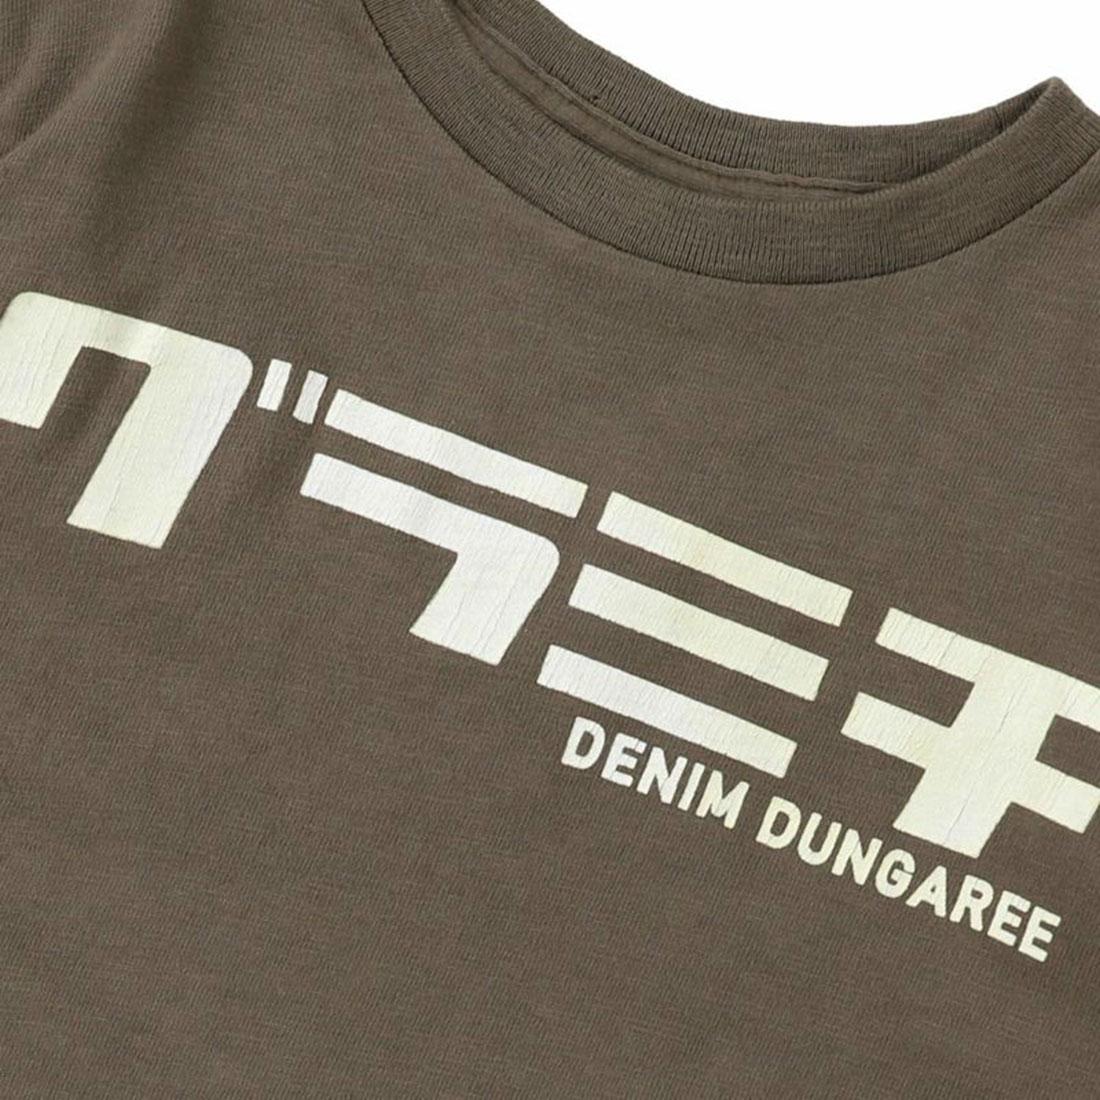 デニム&ダンガリー DENIM DUNGAREE 【送料無料】 D&D グラミチ ニホンゴ TEE(100cm 110cm 120cm)【メール便可】3712474 GRAMICCI